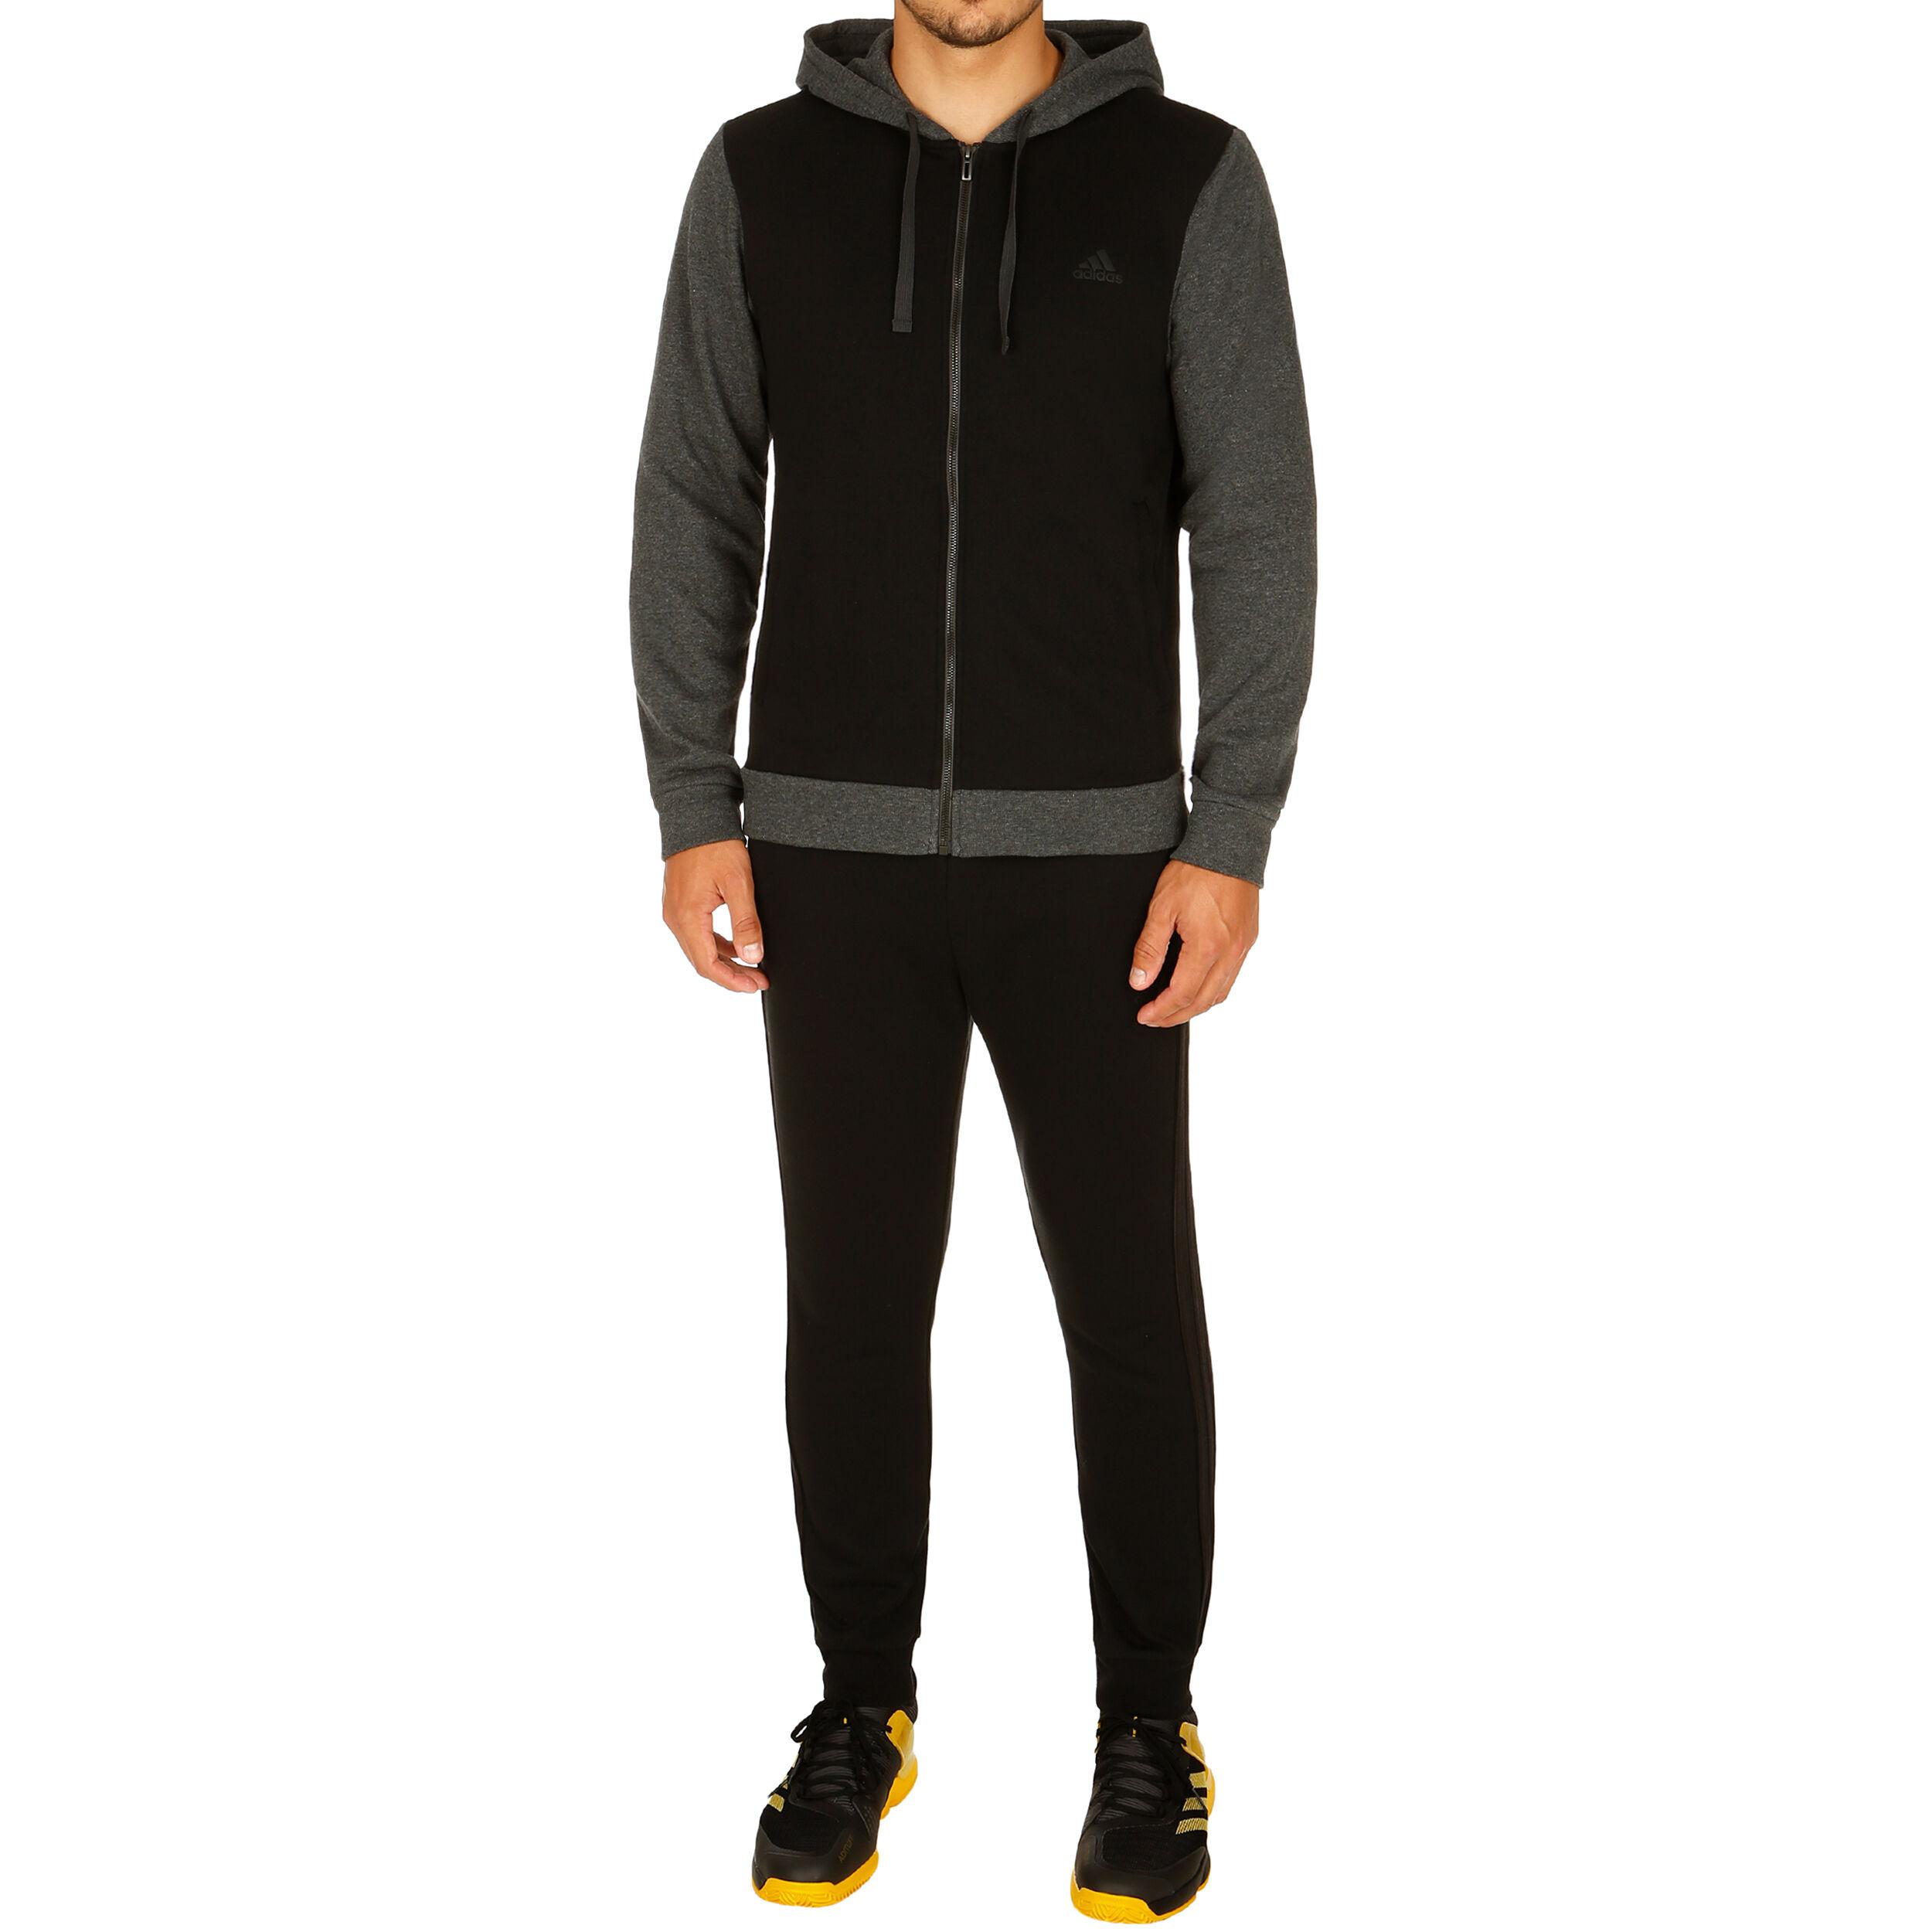 adidas Cotton Energize Trainingsanzug Herren Dunkelgrau